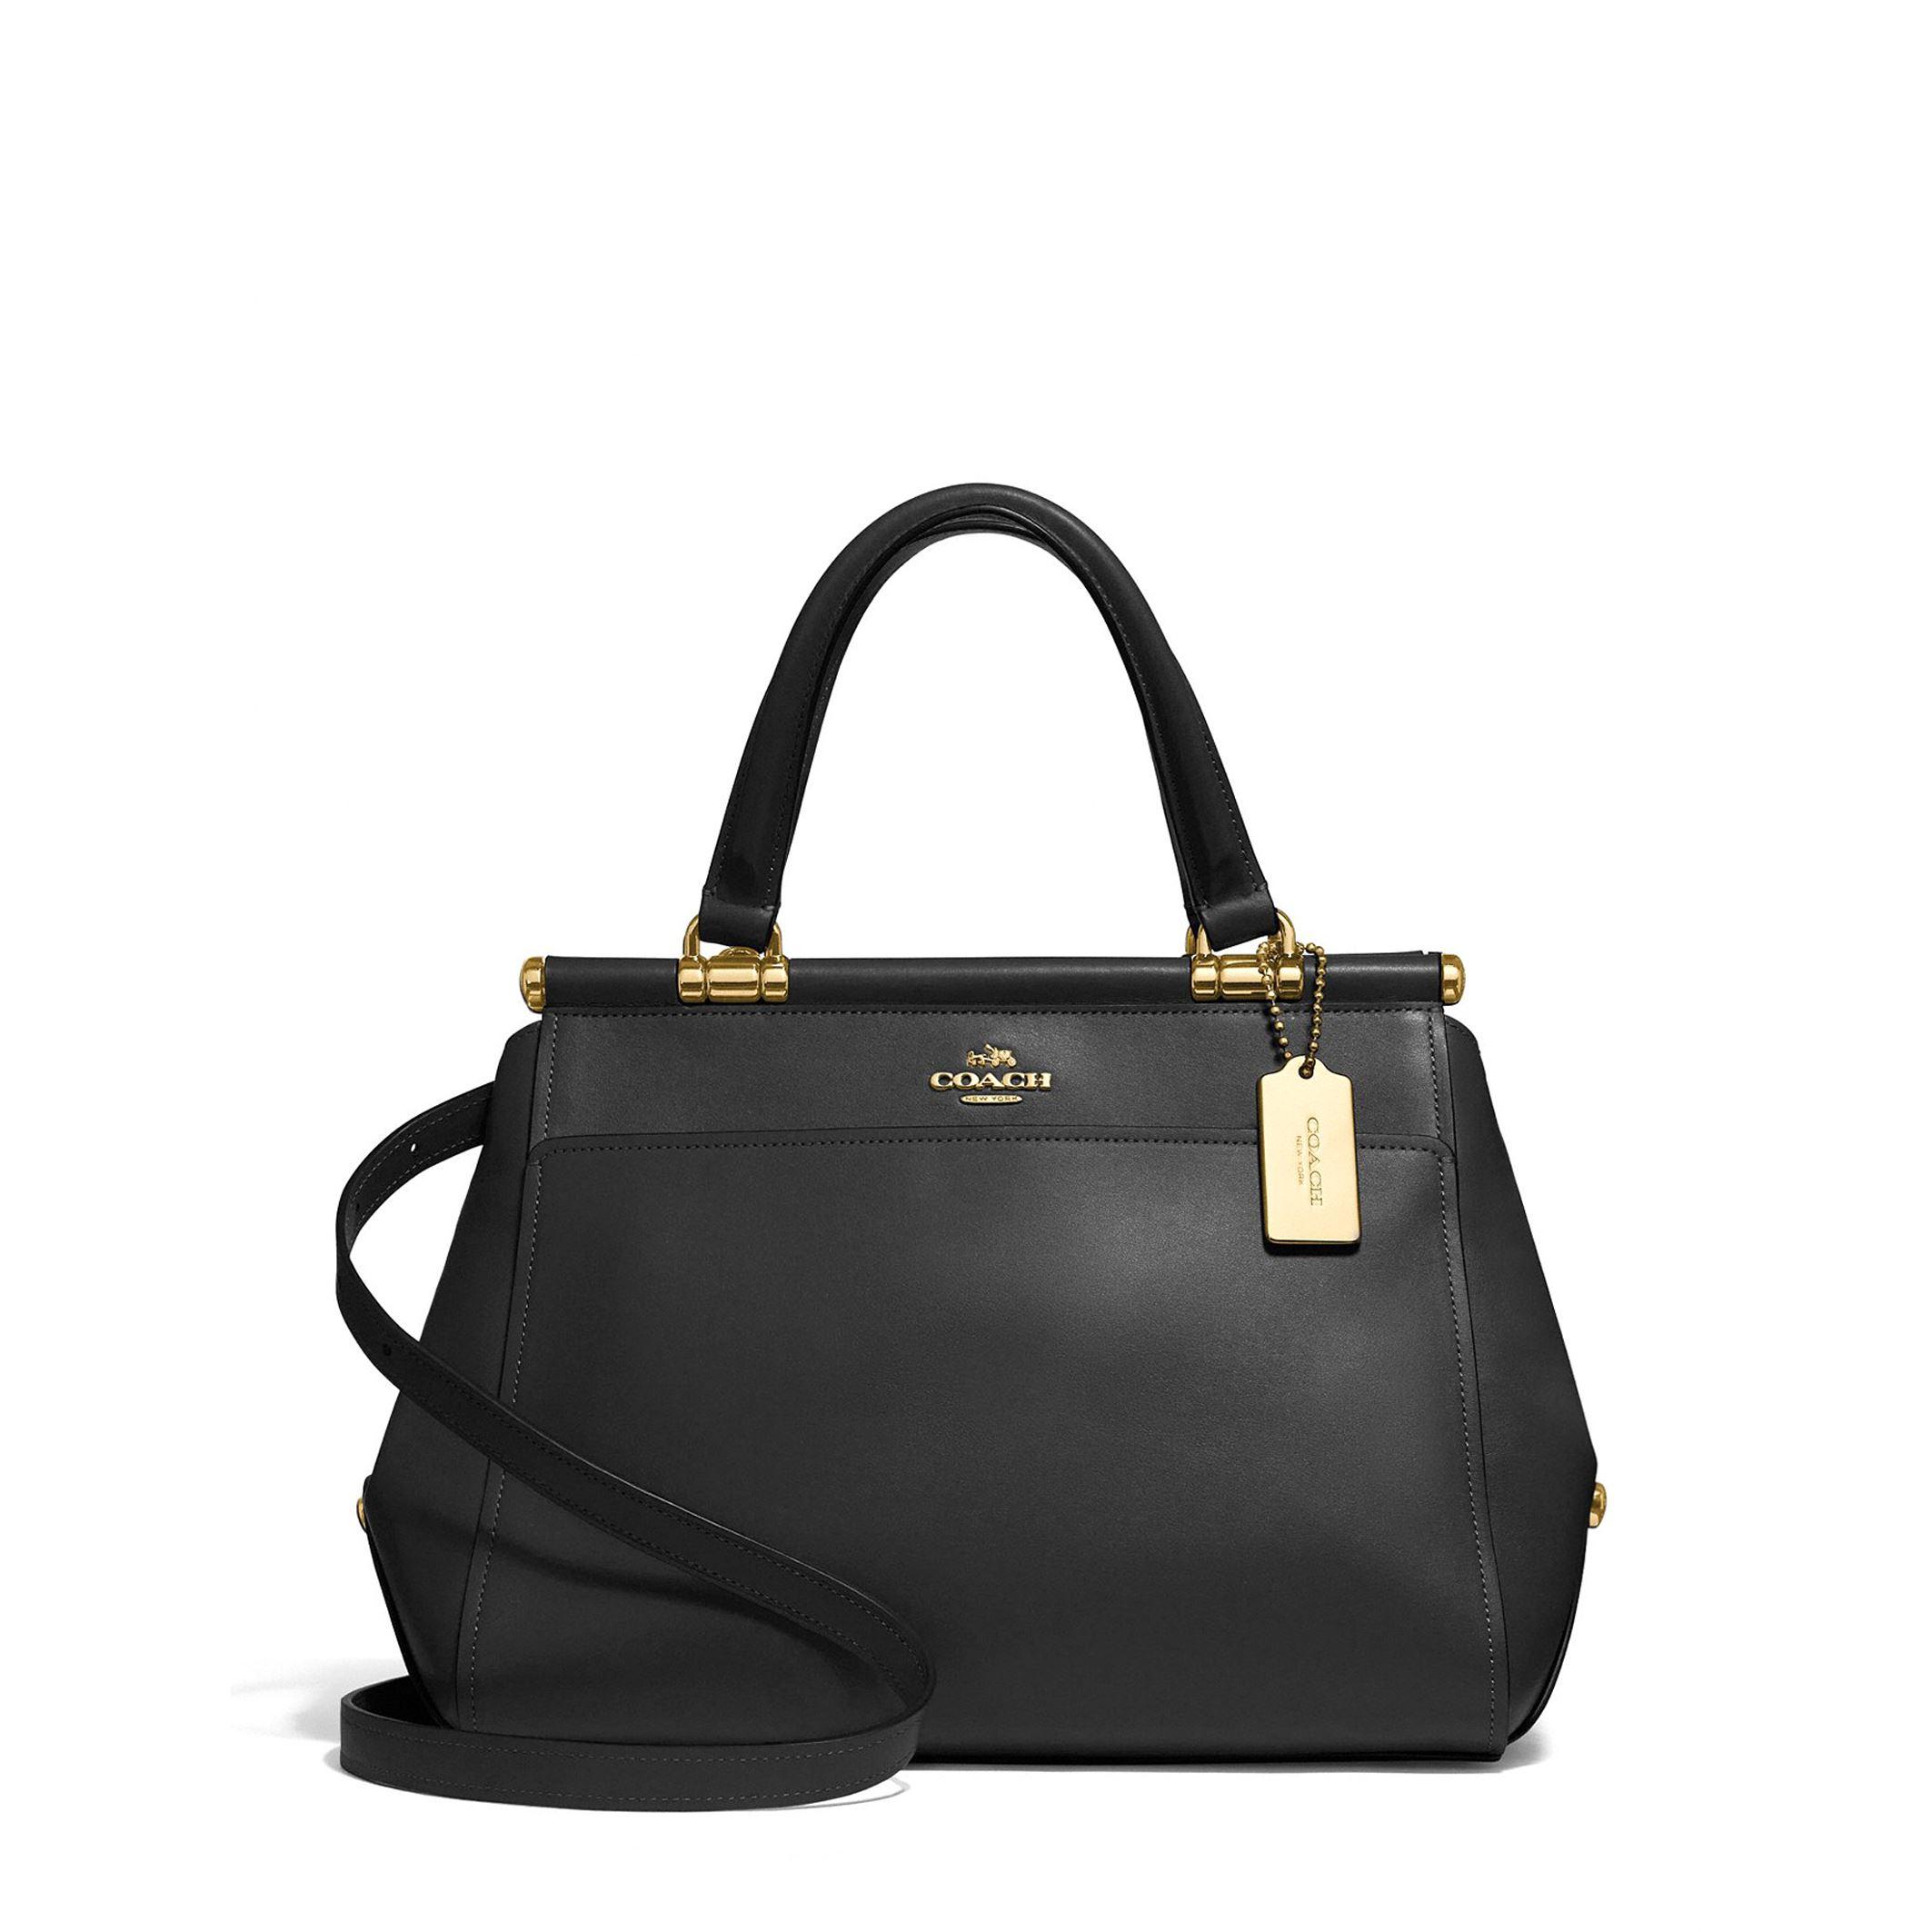 Details about Coach Women s Shoulder Handbag Black Leather Zip Fastening  Removable Strap 3af4af490c